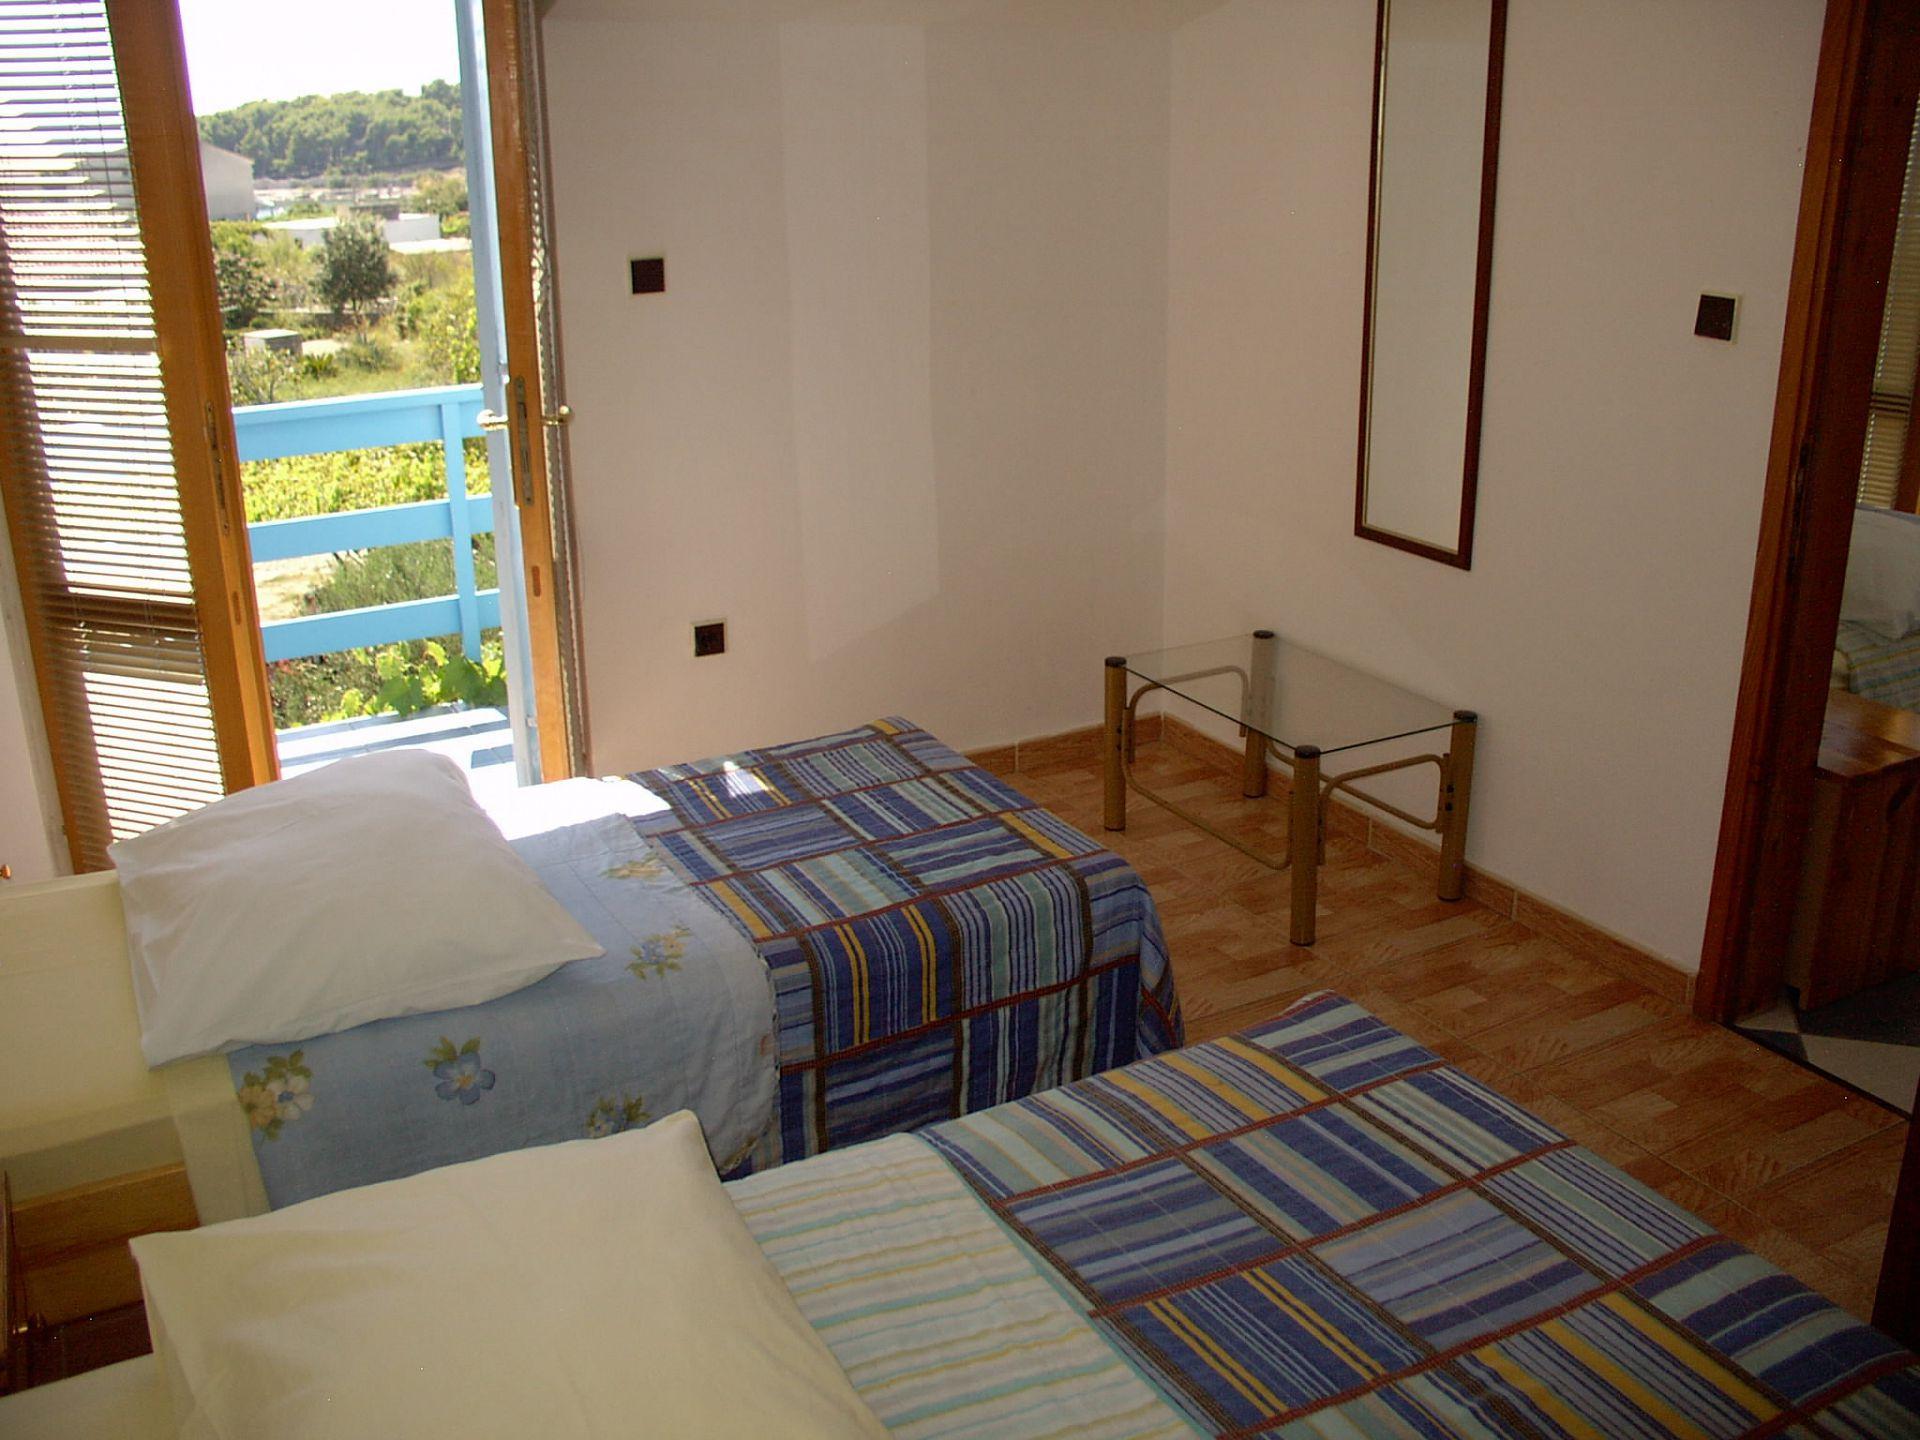 003SUCU  - Sucuraj - Appartementen Kroatië - A15(3+2): interieur